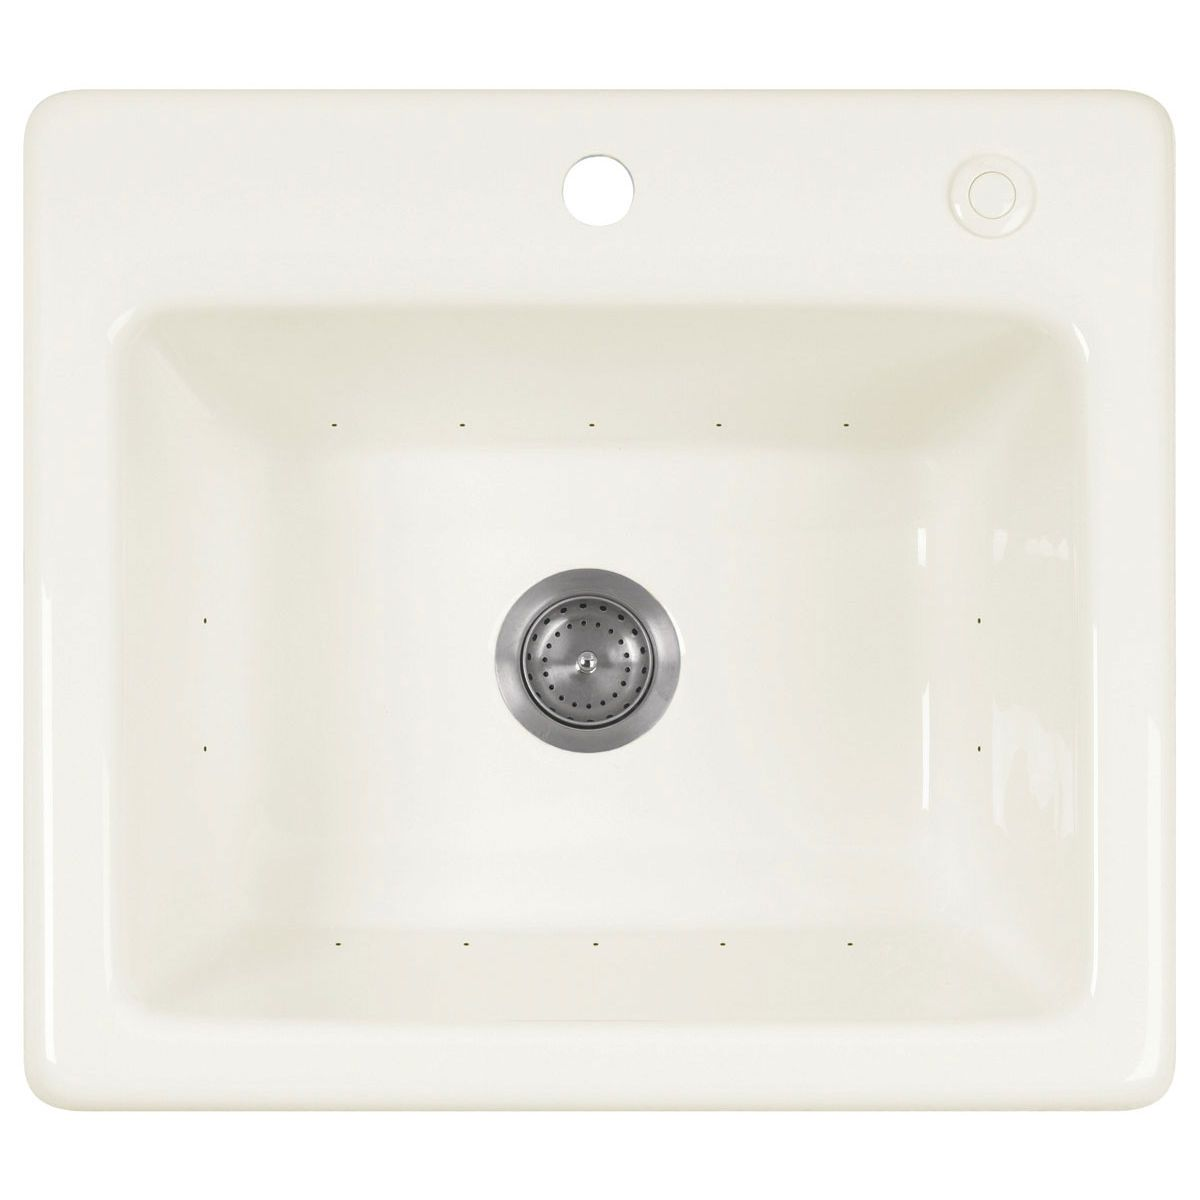 Bon Pegasus 25 X 22 Jetted Laundry Sink $655 Wayfair.com